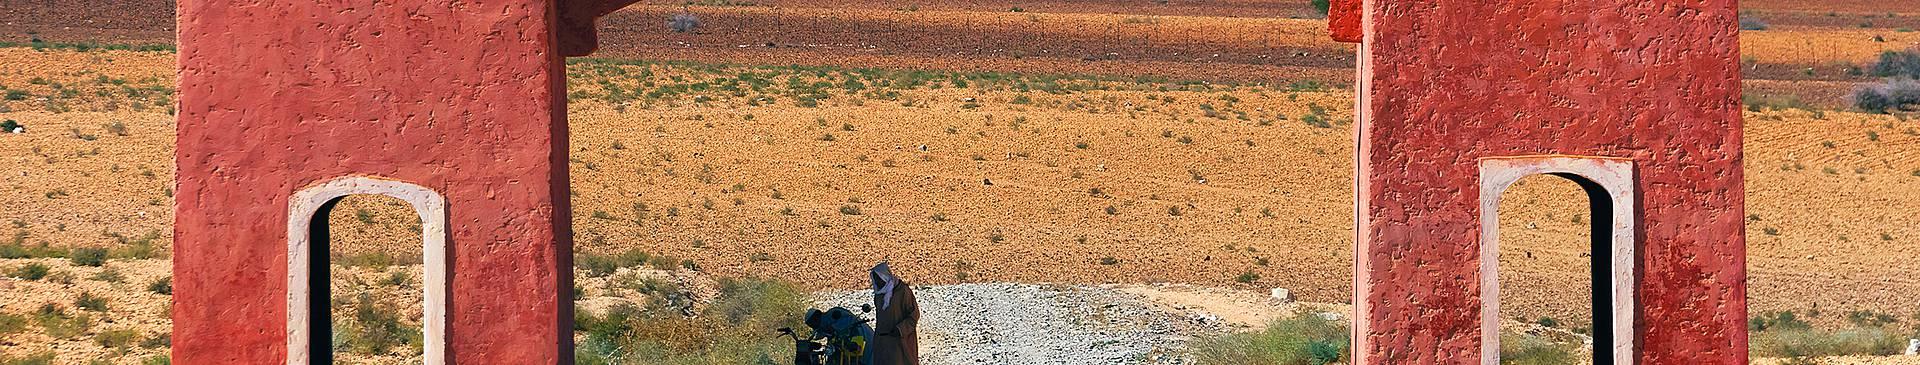 Rondreis 2 weken in Marokko